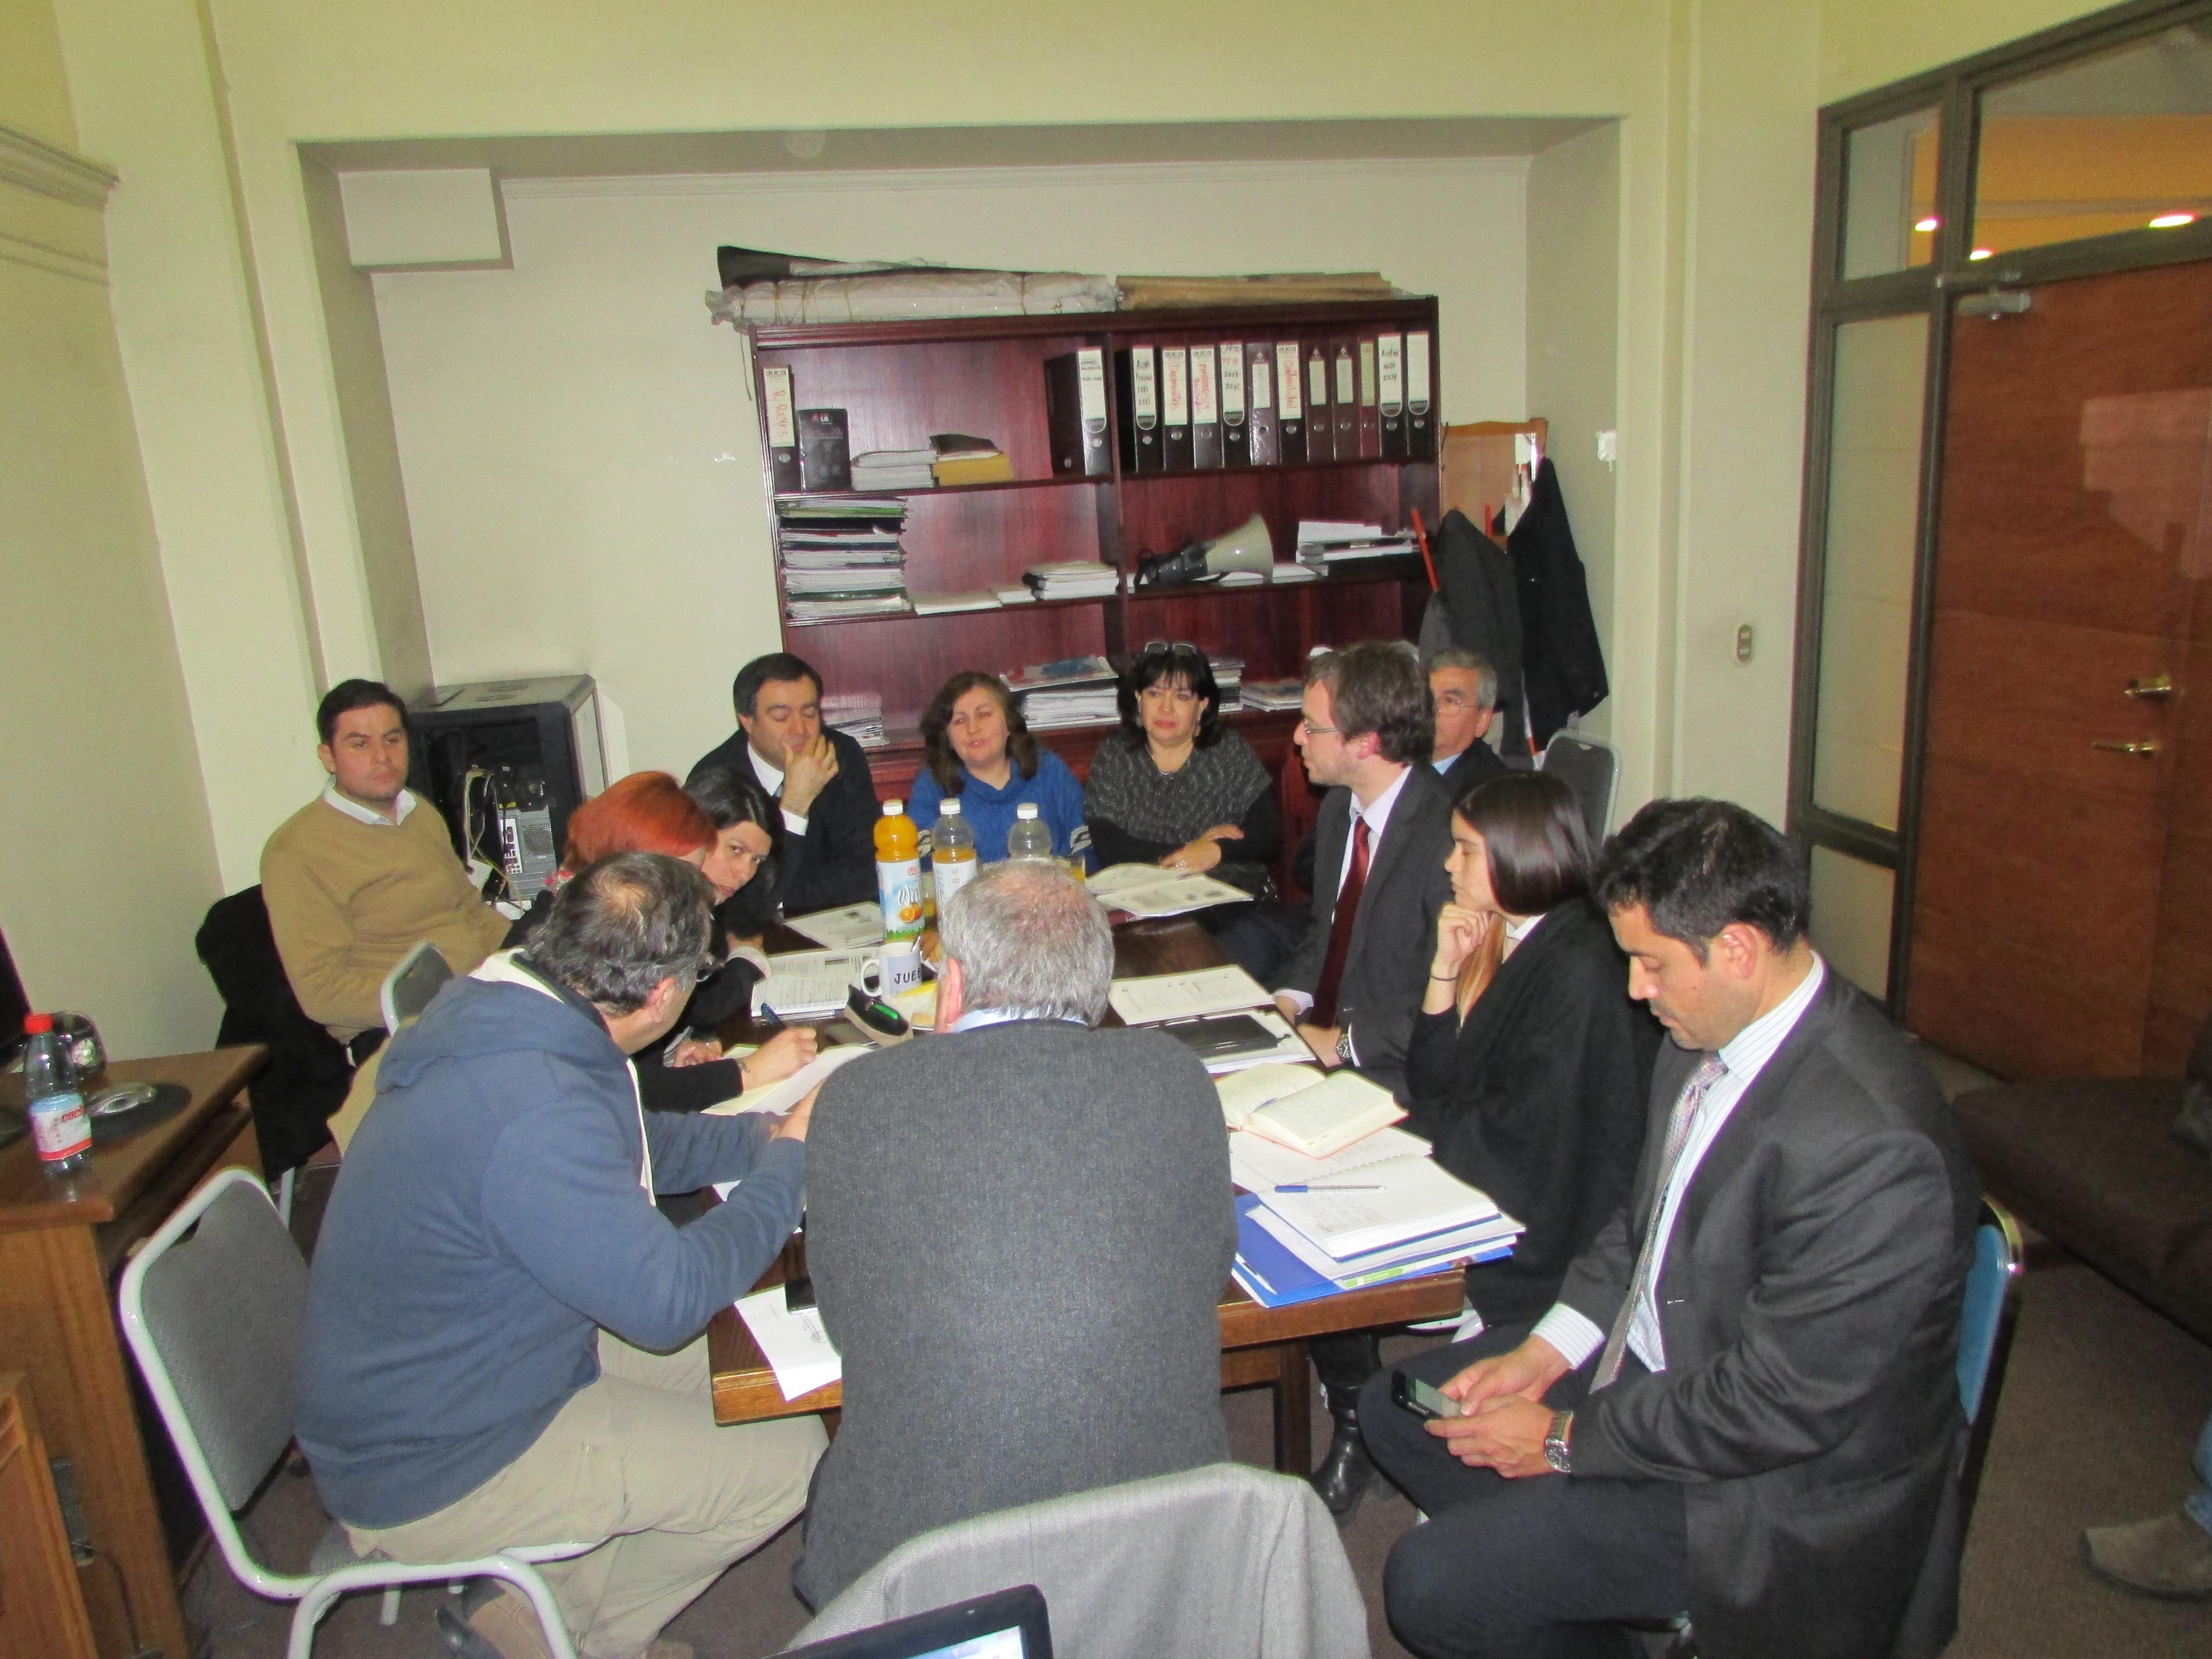 FTH se reunió con equipo de Hacienda por implementación del Instructivo Presidencial - 22 Junio 2016